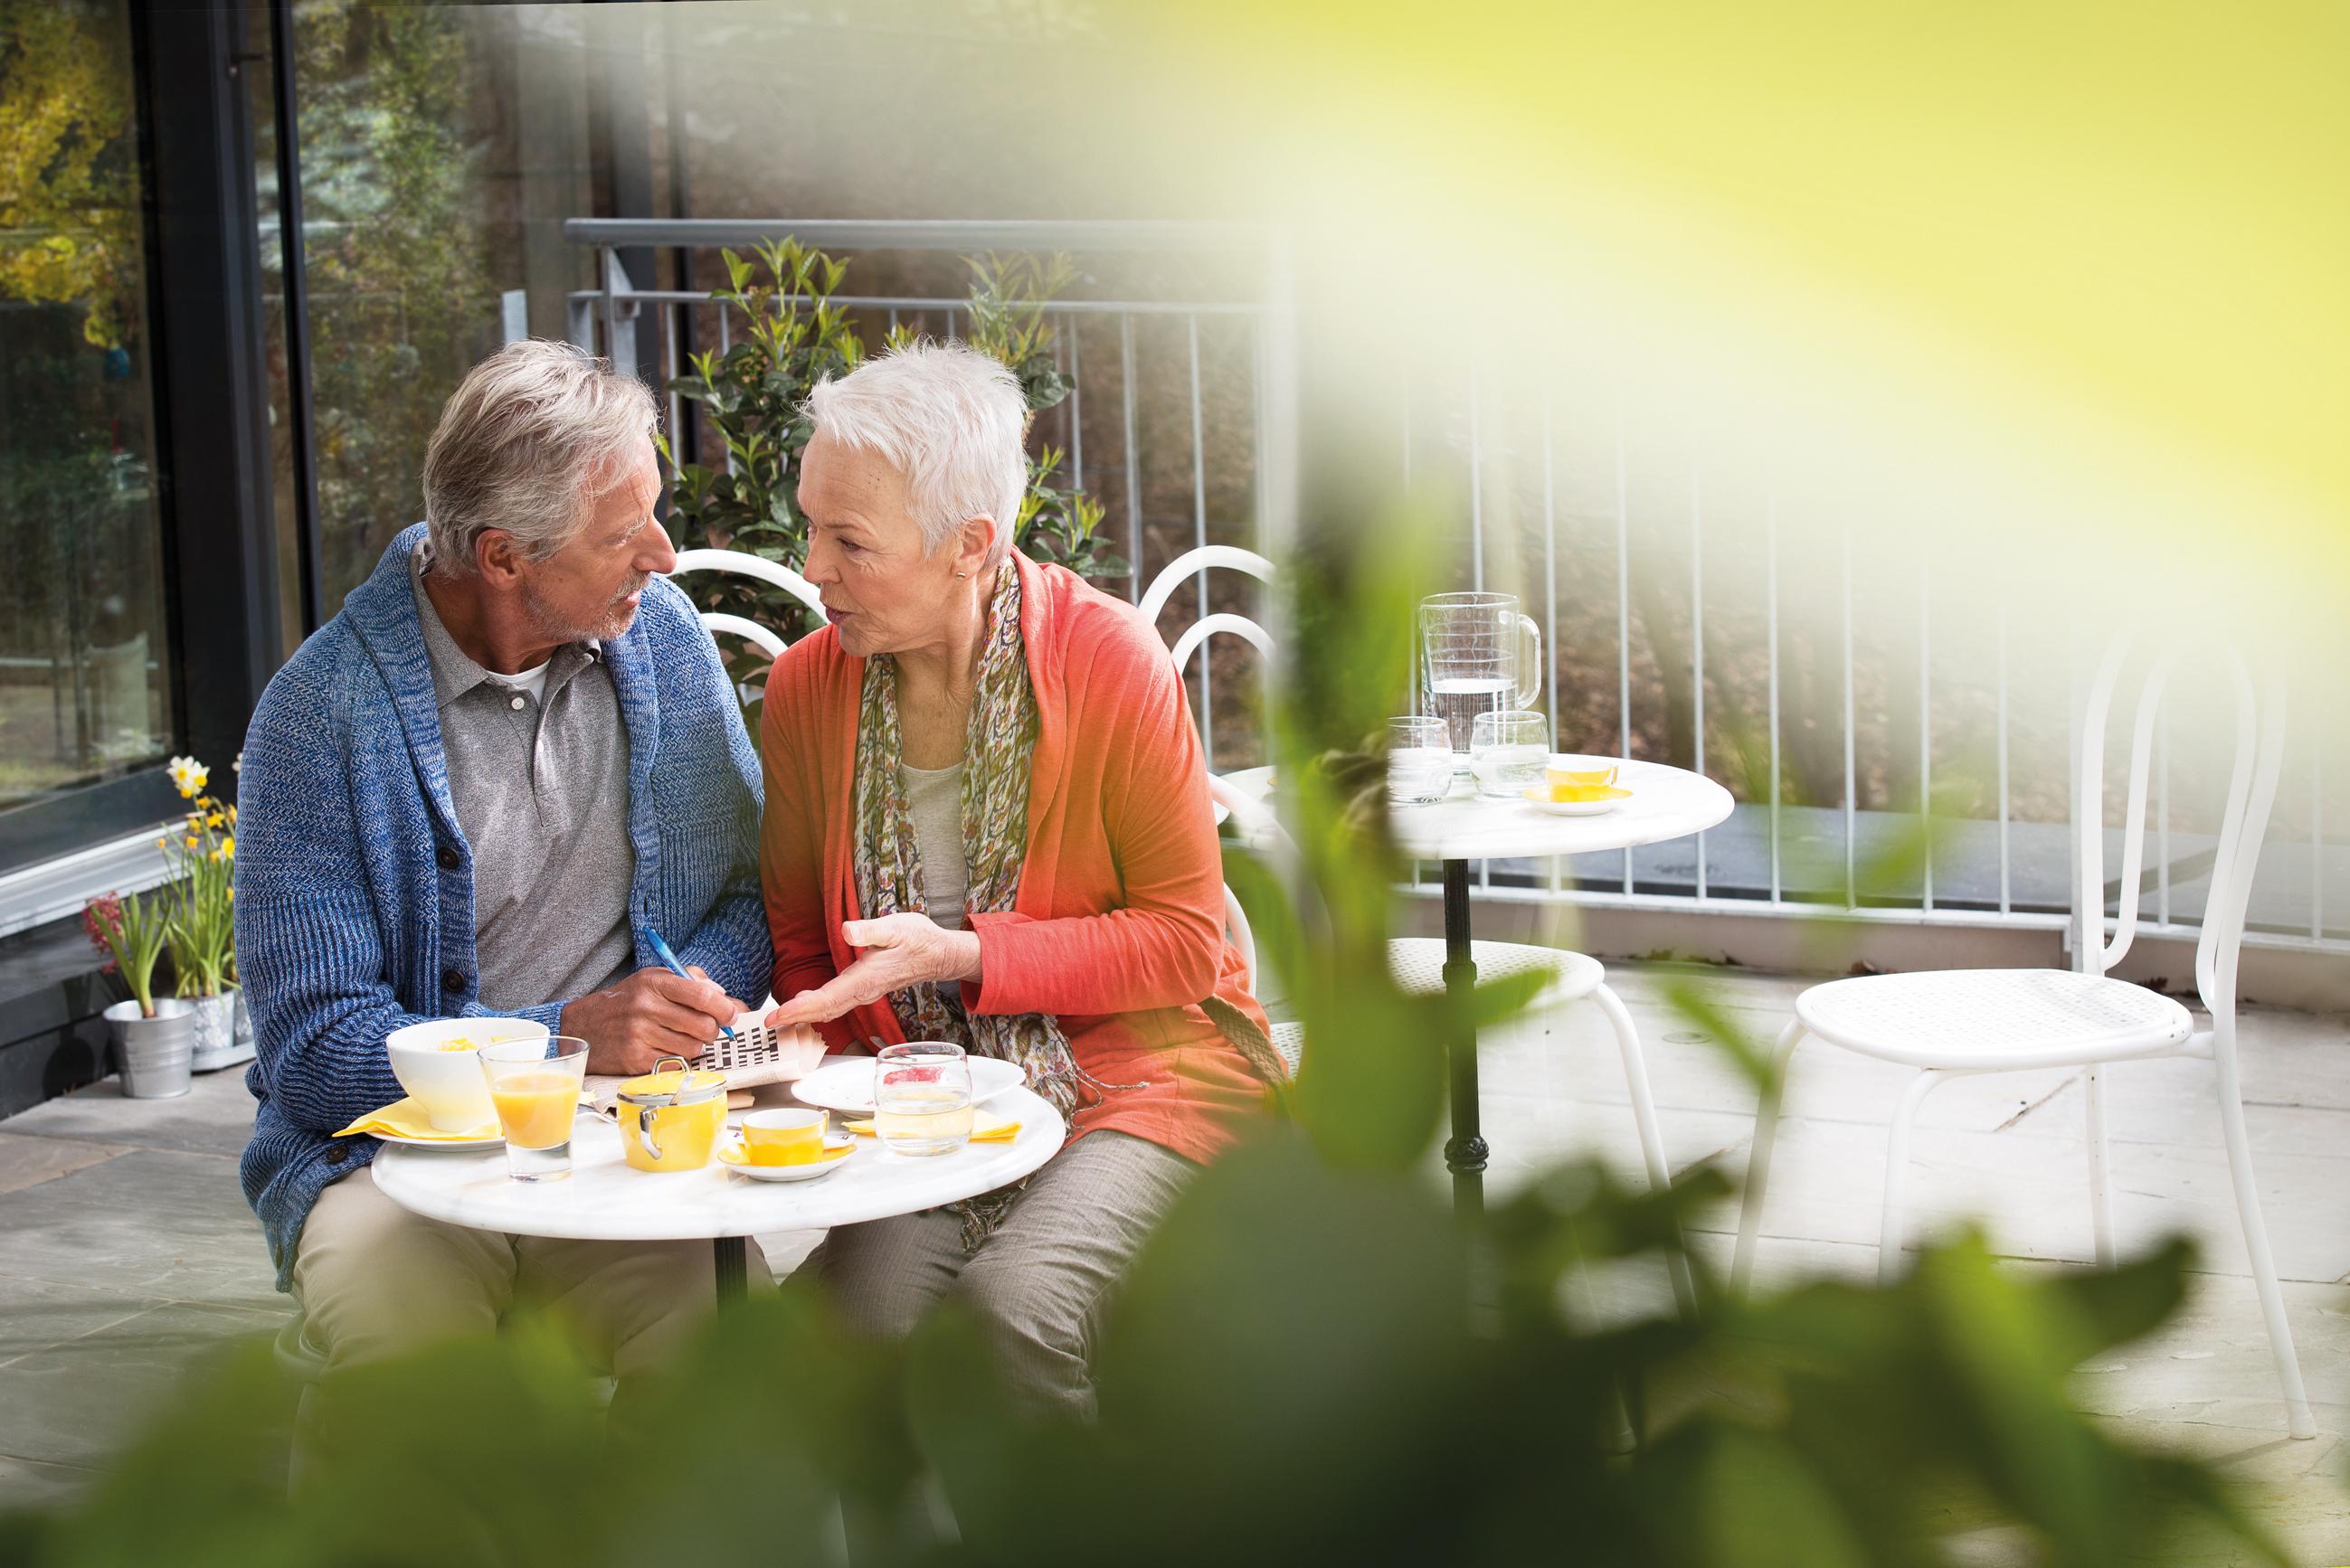 Altes Ehepaar an einem Bistro-Tisch